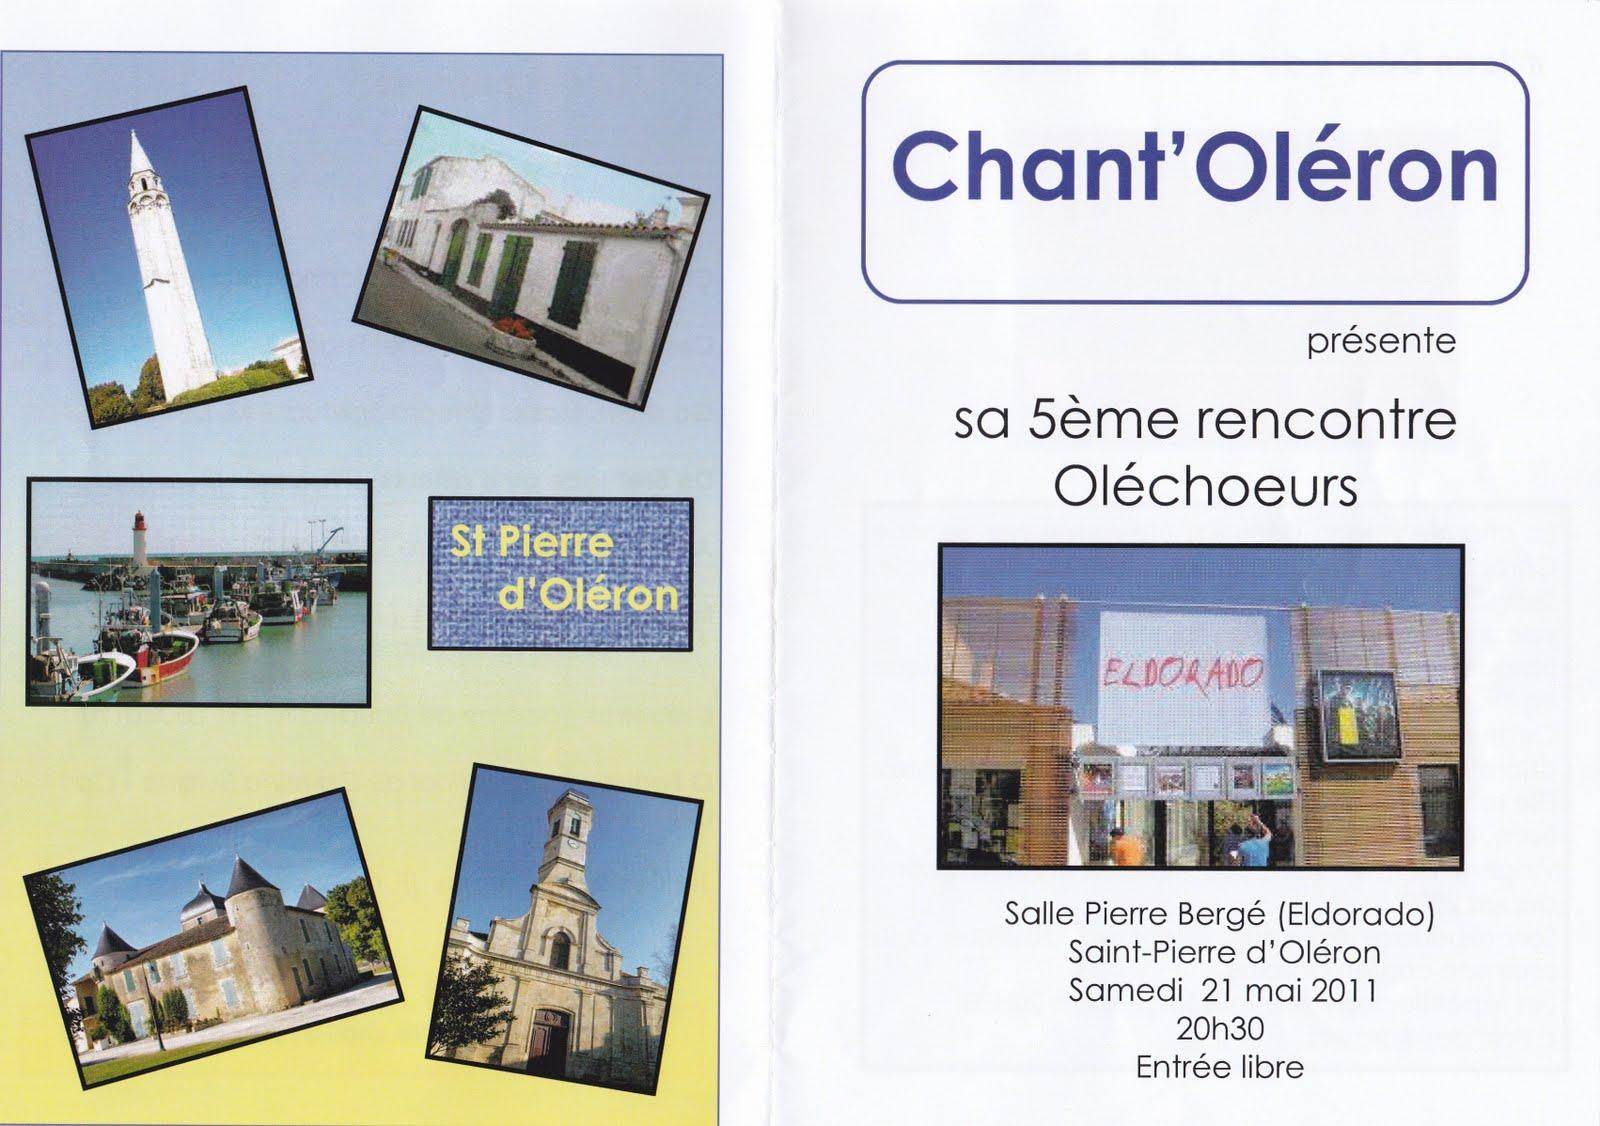 Passion du moment cinqui me rencontre olechoeurs de saint - Office du tourisme st pierre d oleron ...